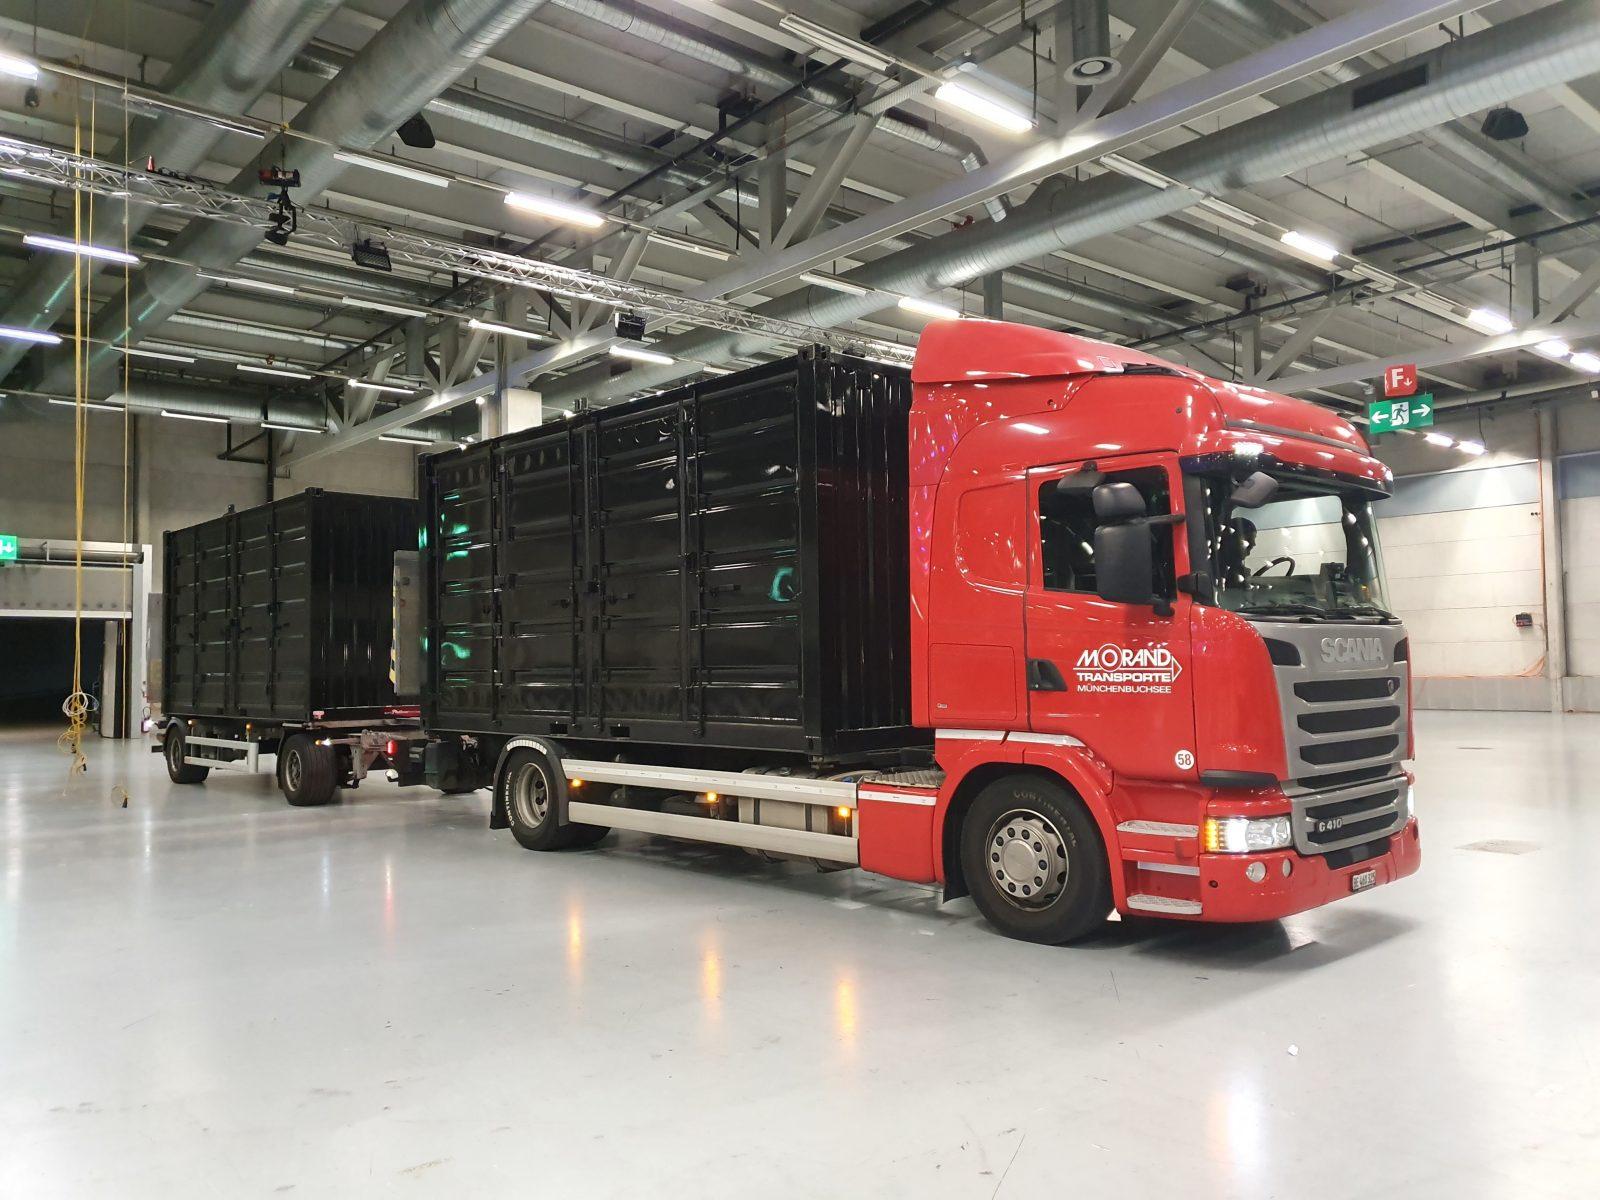 Roter Lastwagen mit schwarzem Container steht in der Messehalle Bernexpo.